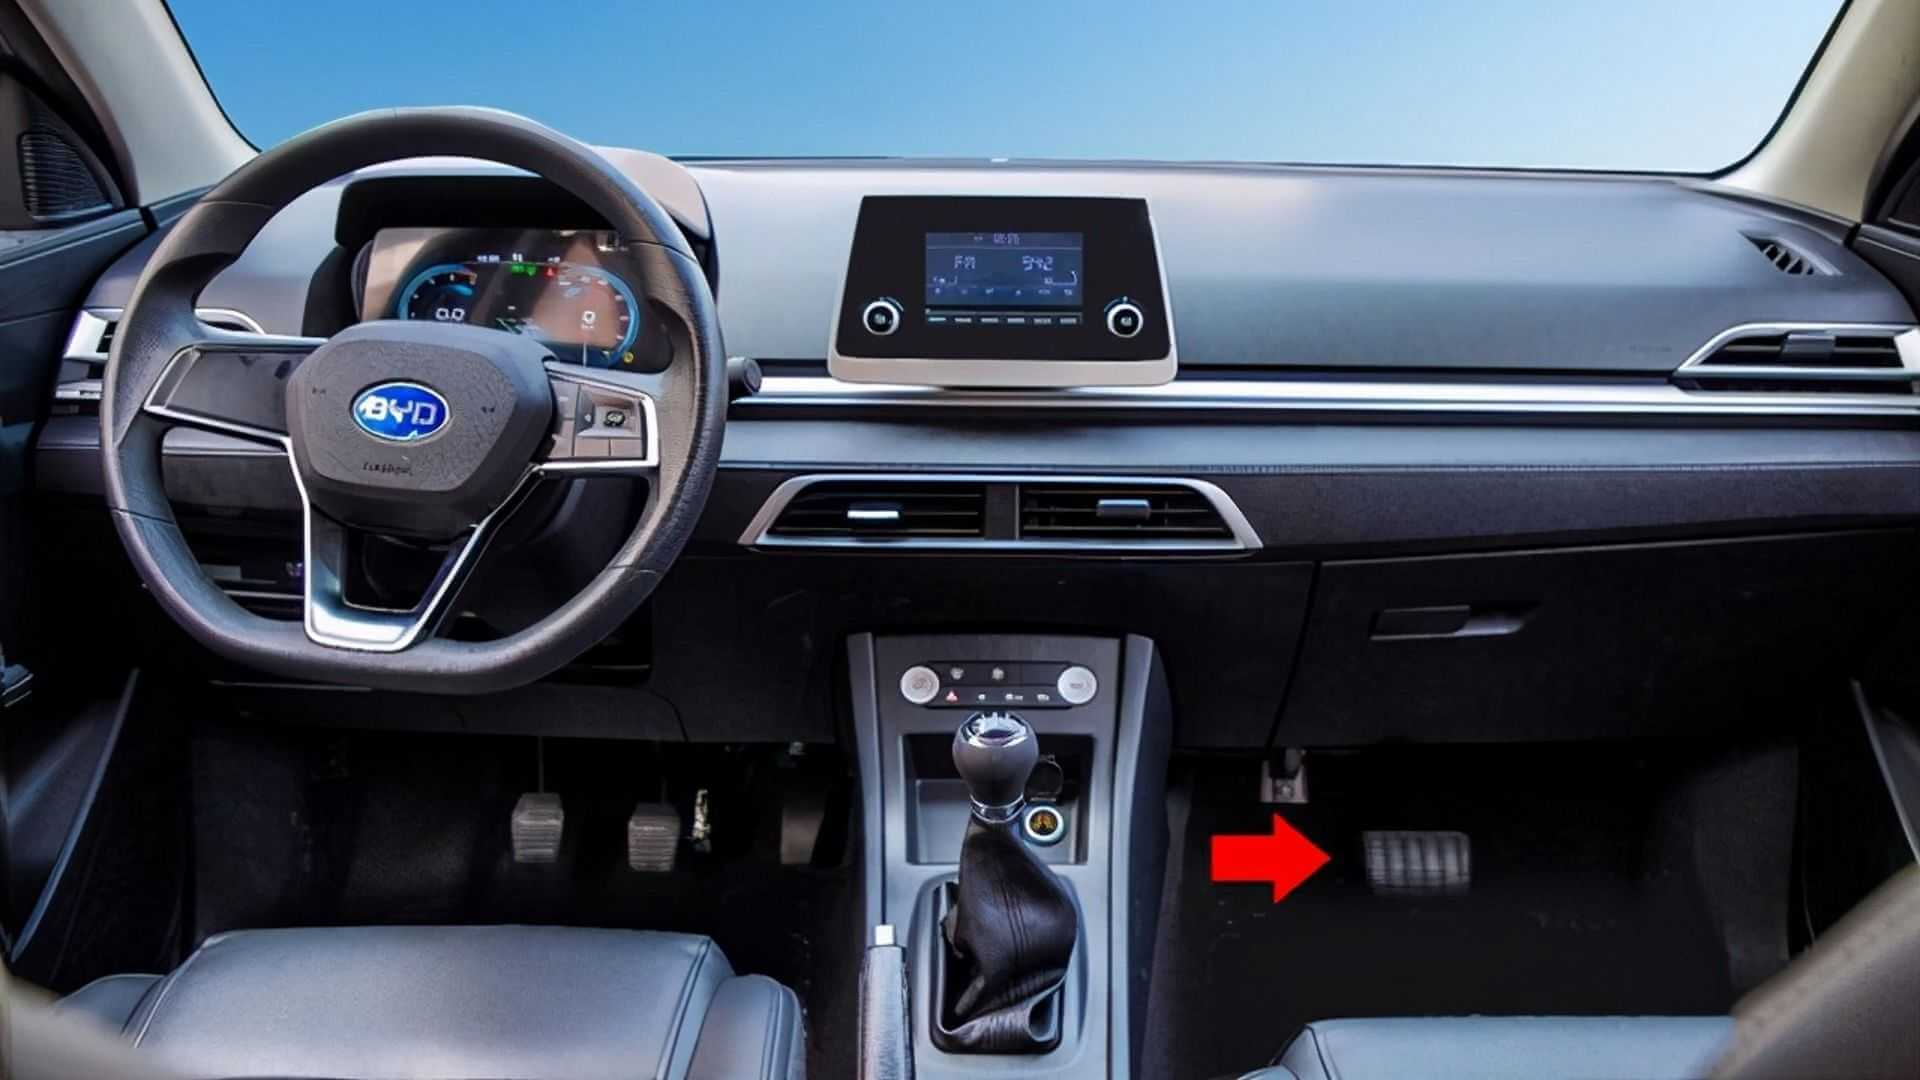 Автошколы Китая получили электрокар смеханической КПП исцеплением